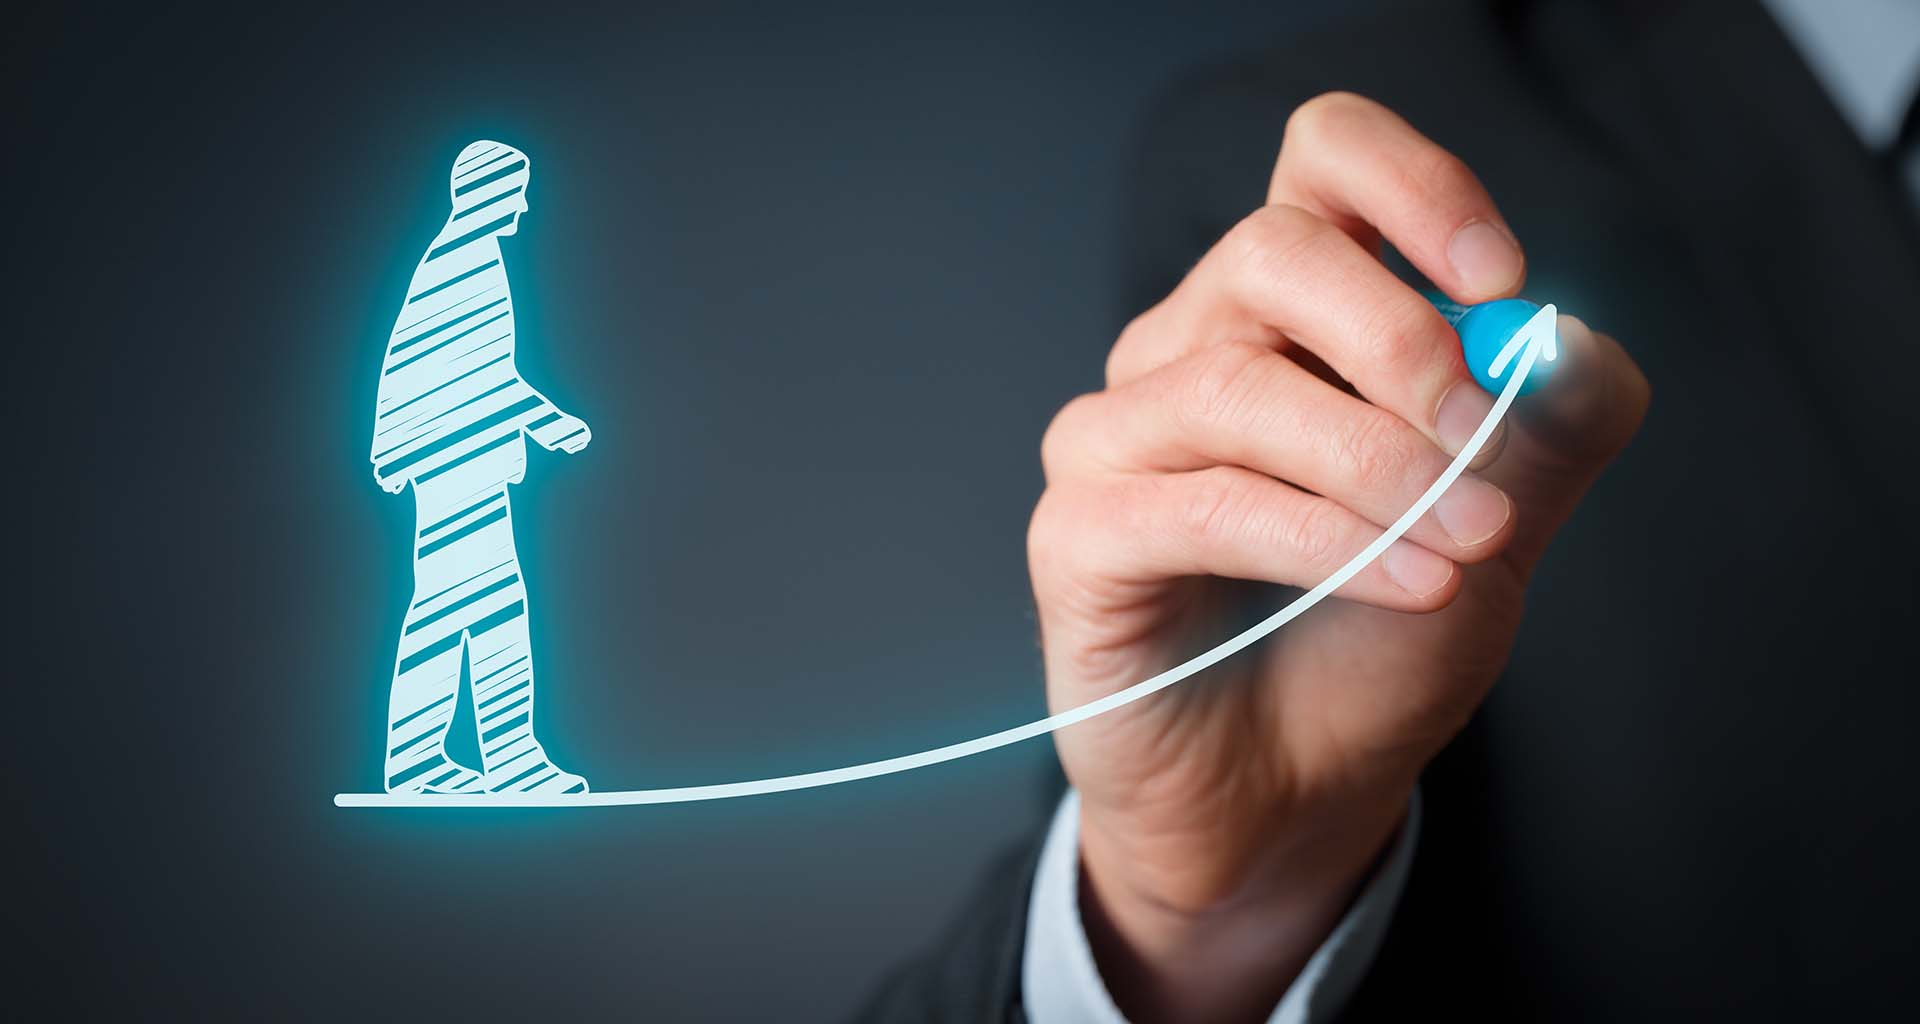 gestoria asesoria autonomos y empresas